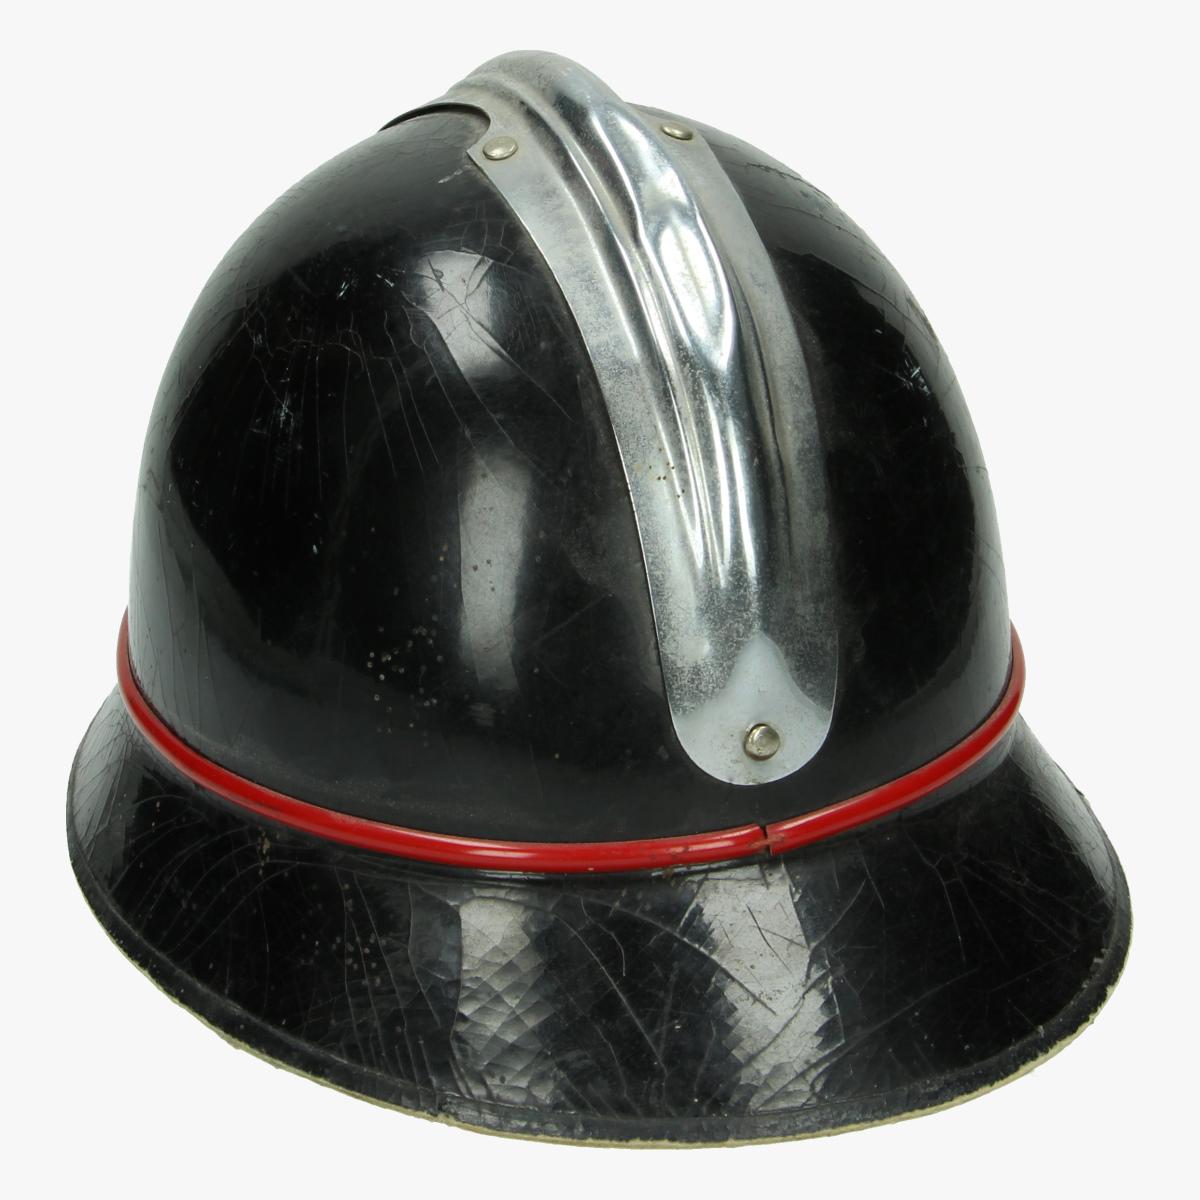 Afbeeldingen van Rijkswacht helm Parade